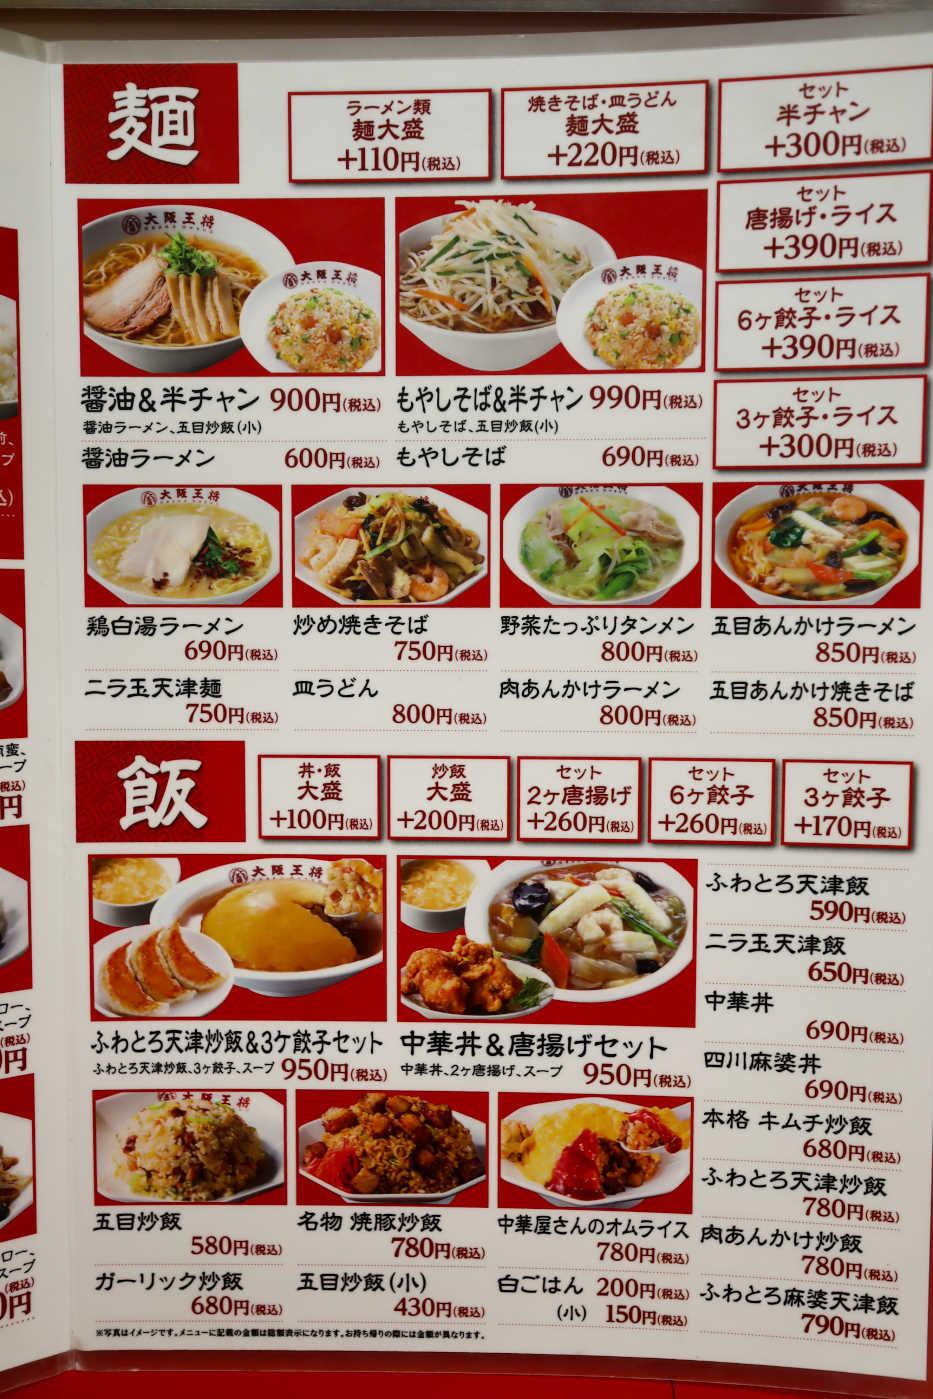 大阪王将の麺類とご飯物メニュー